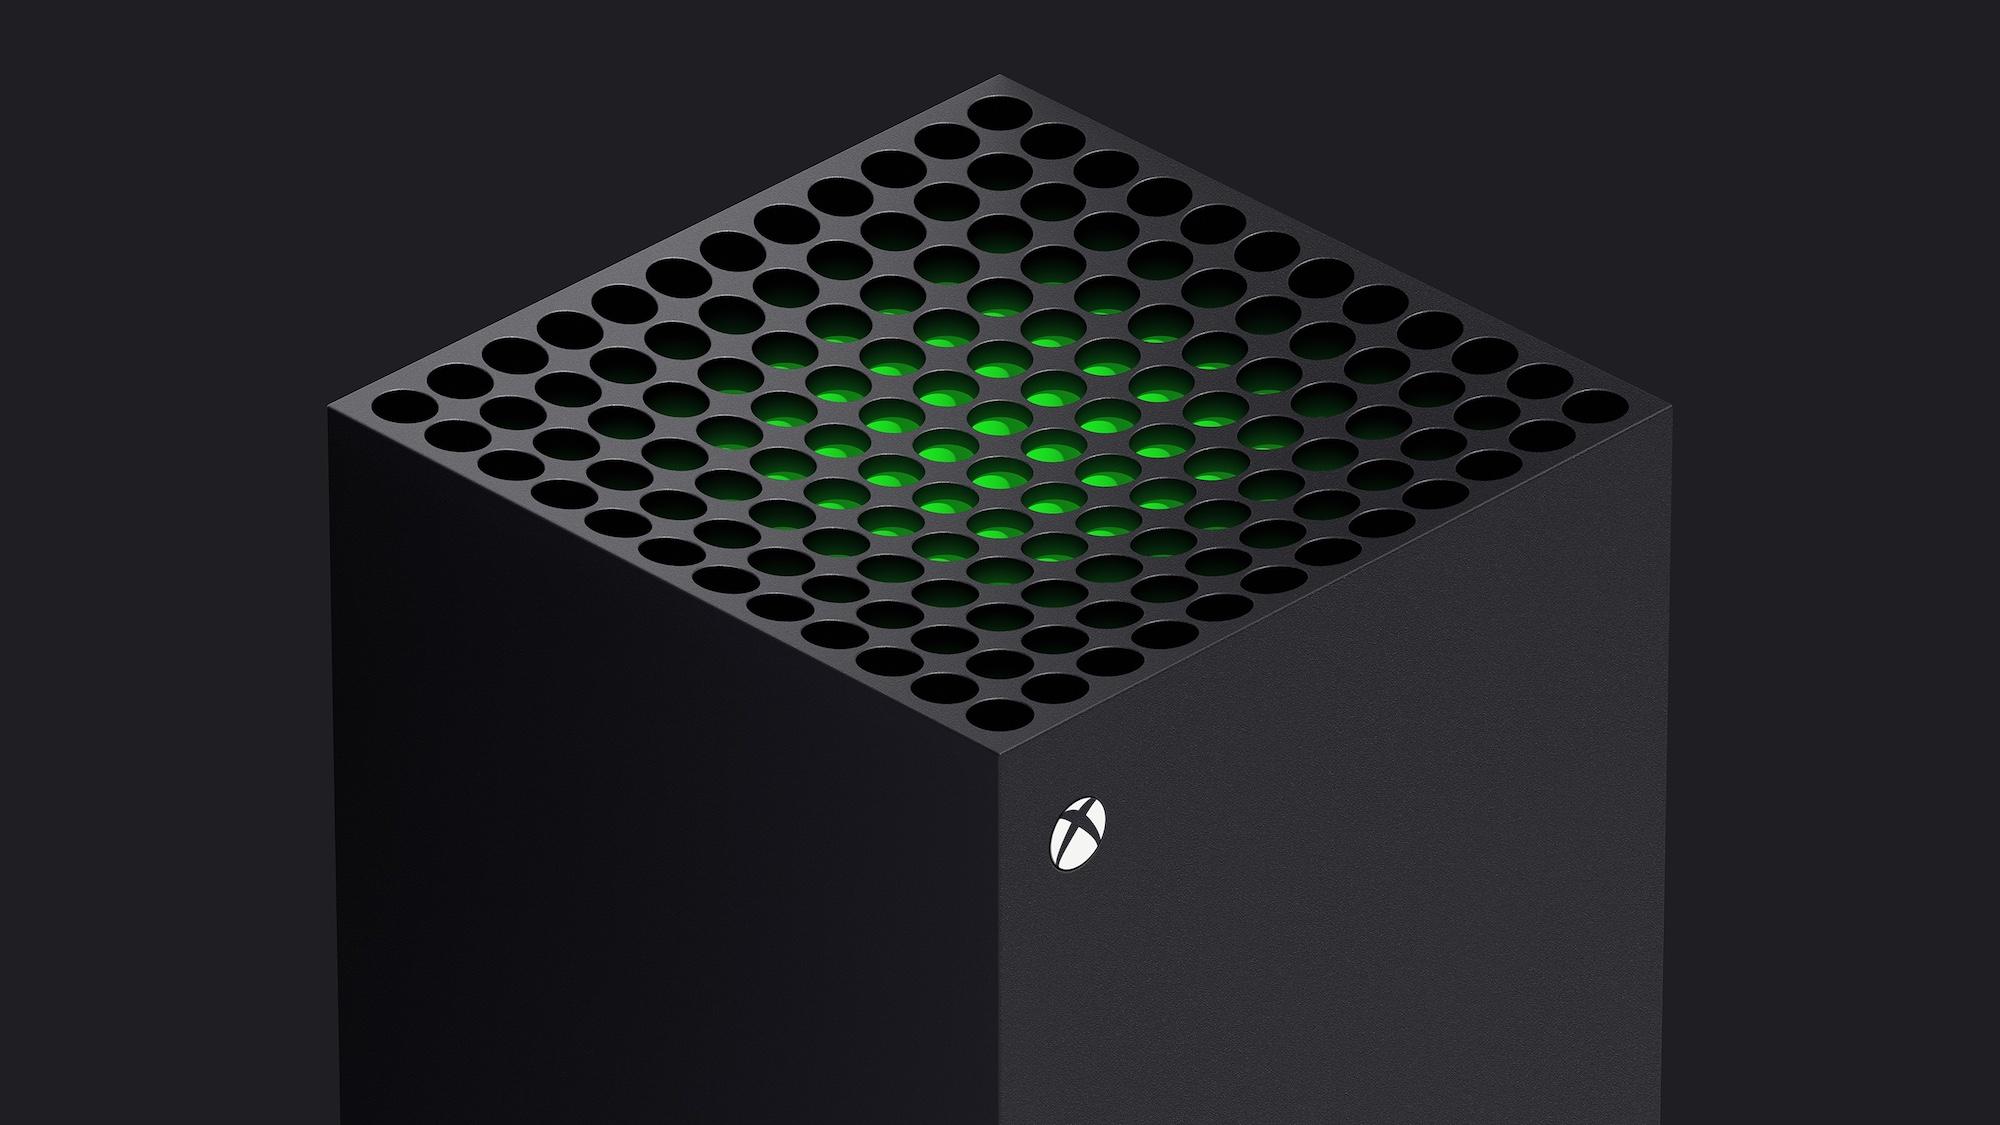 Rykte Läckta dokument pekar på en billigare Xbox Series X Med hälften RAM och en tredjedel teraflops